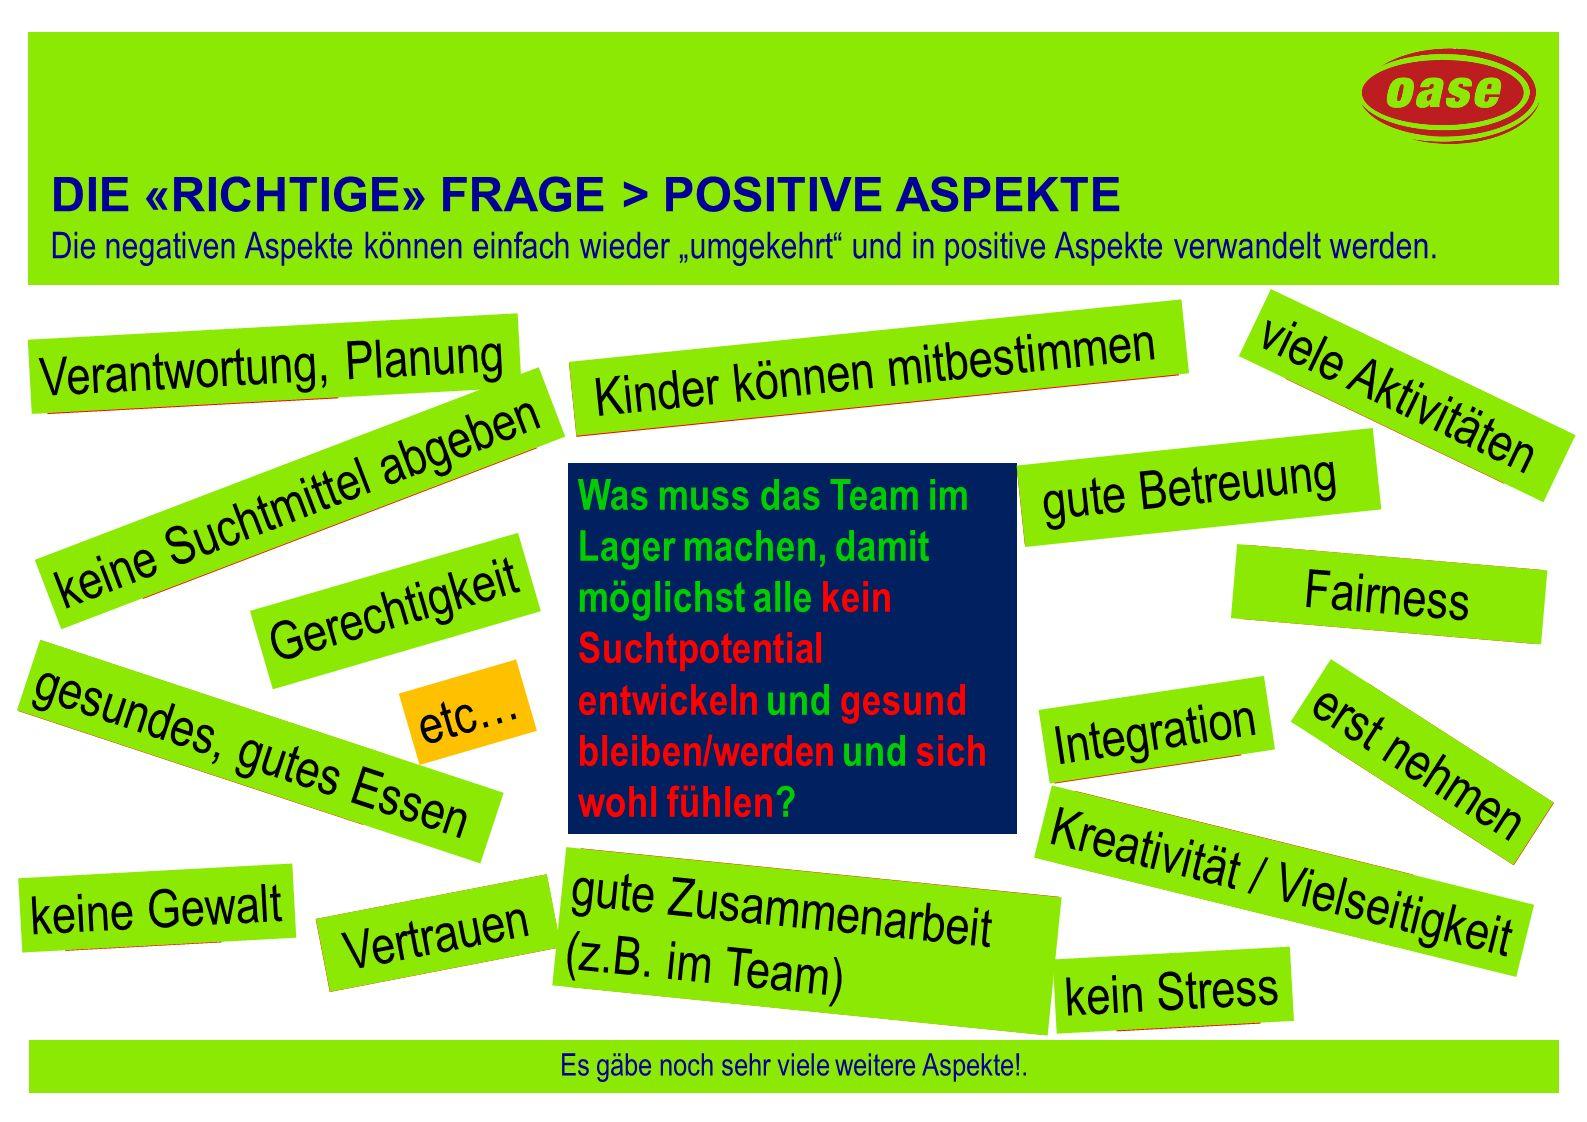 DIE «RICHTIGE» FRAGE > POSITIVE ASPEKTE Die negativen Aspekte können einfach wieder umgekehrt und in positive Aspekte verwandelt werden. Es gäbe noch